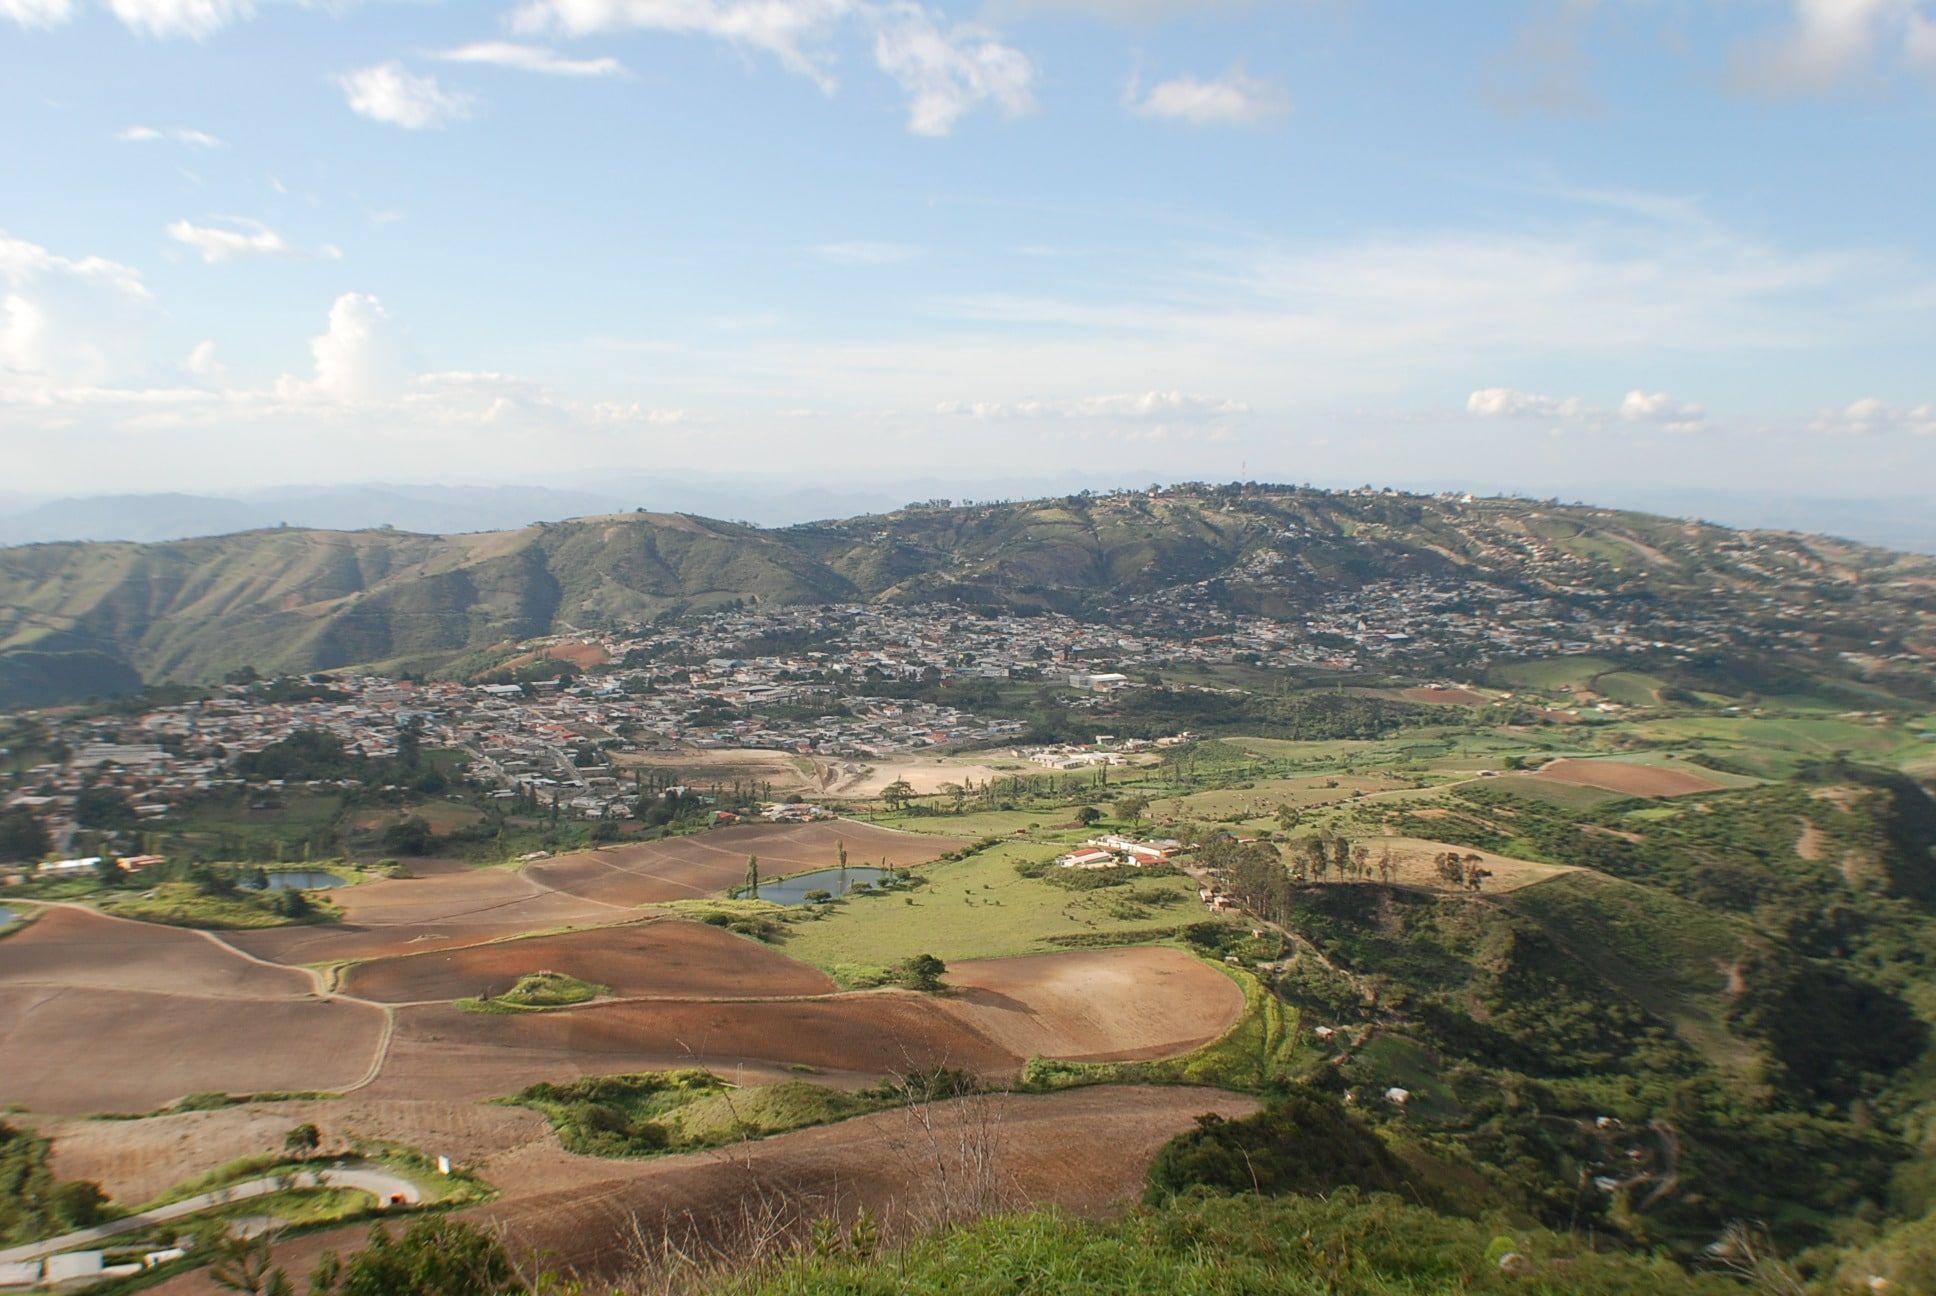 Relación Geográfica de la ruta de Lope de Aguirre: Desde el Perú a Barquisimeto